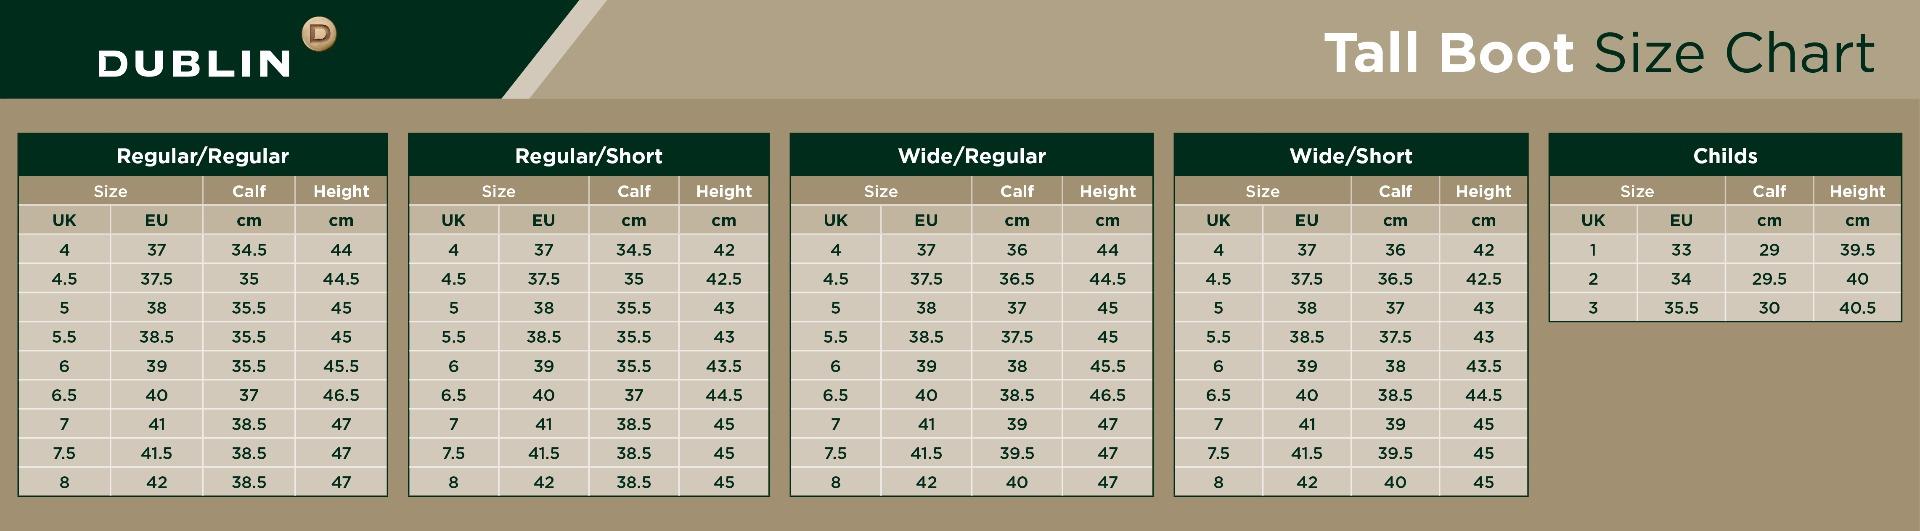 Dublin Tall Boots Size Chart